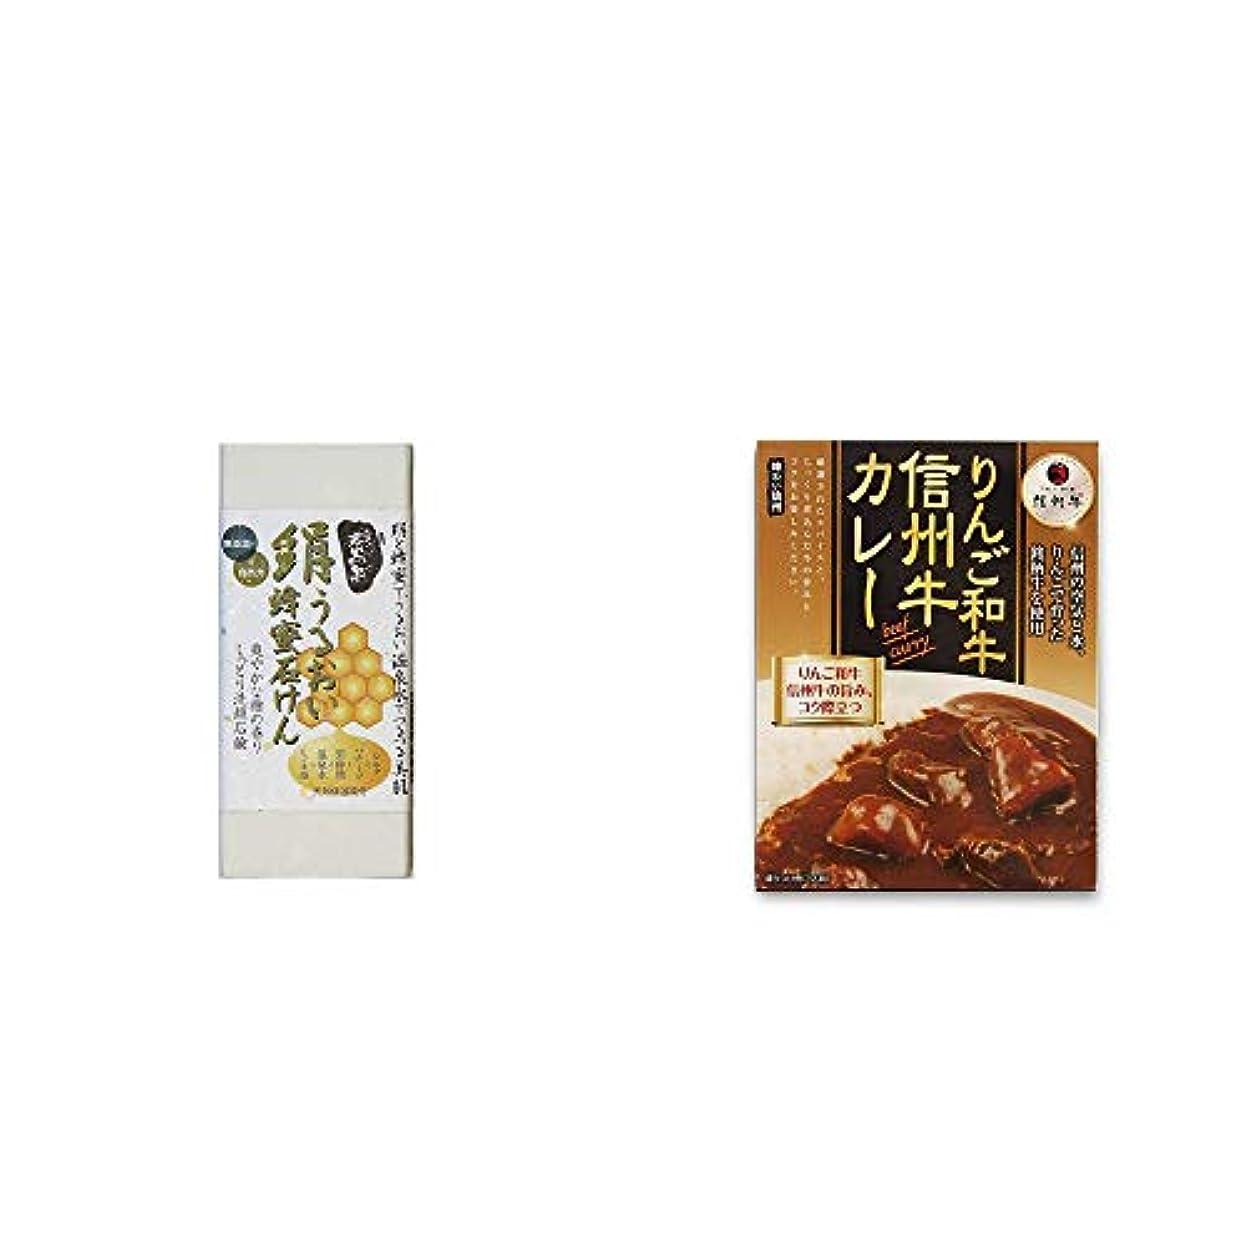 インターネット購入ずるい[2点セット] ひのき炭黒泉 絹うるおい蜂蜜石けん(75g×2)?りんご和牛 信州牛カレー(1食分)